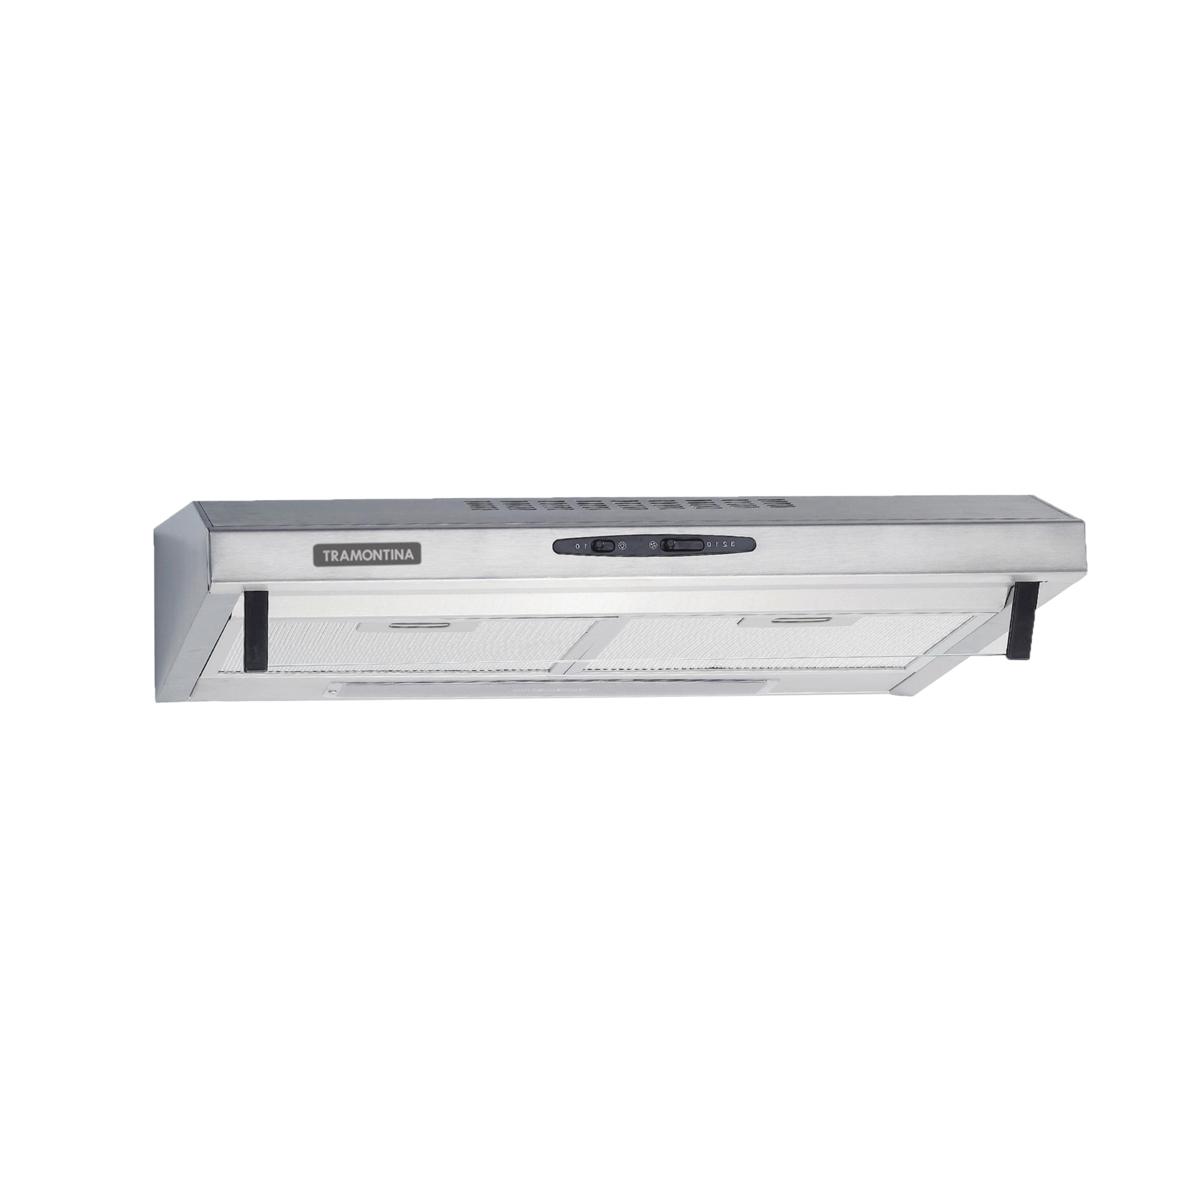 Coifa Inox+Vidro Vetrol 90-127V 95800/007 Tramontina